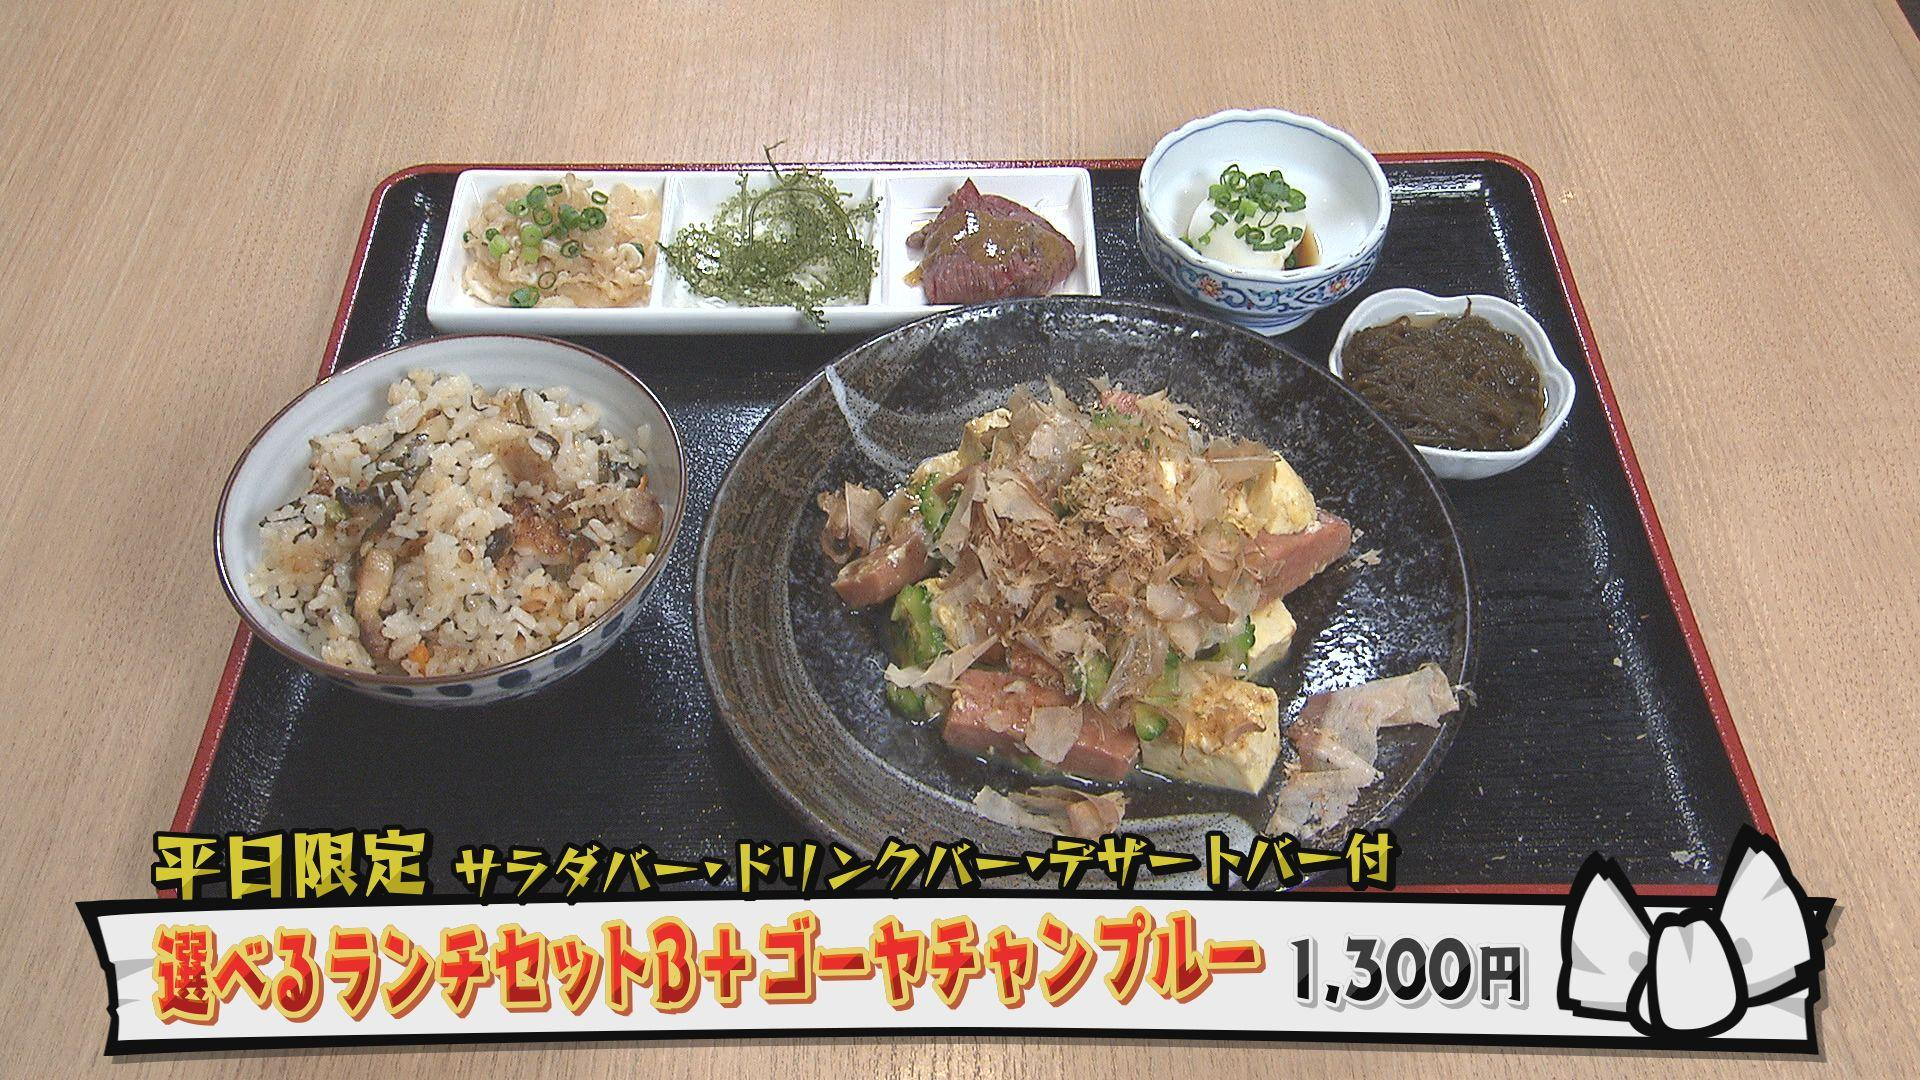 本格沖縄料理 いちゃりば!!_画像1